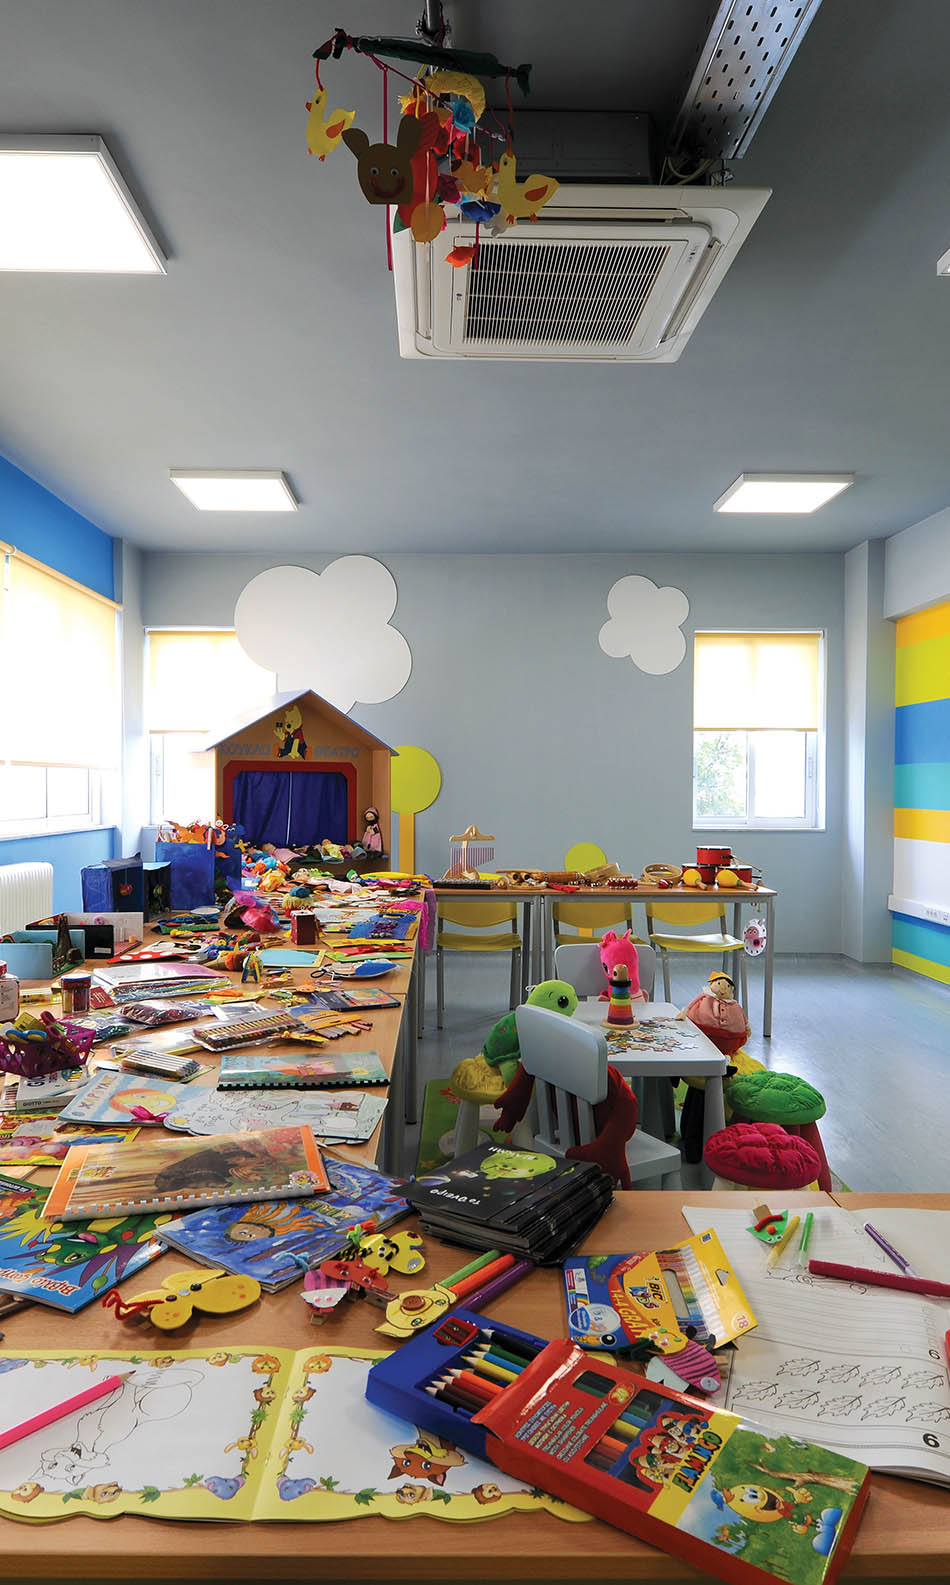 ΙΕΚ ΑΚΜΗ: Εργαστήριο Σχολής Βοηθός Βρεφονηπιοκόμου